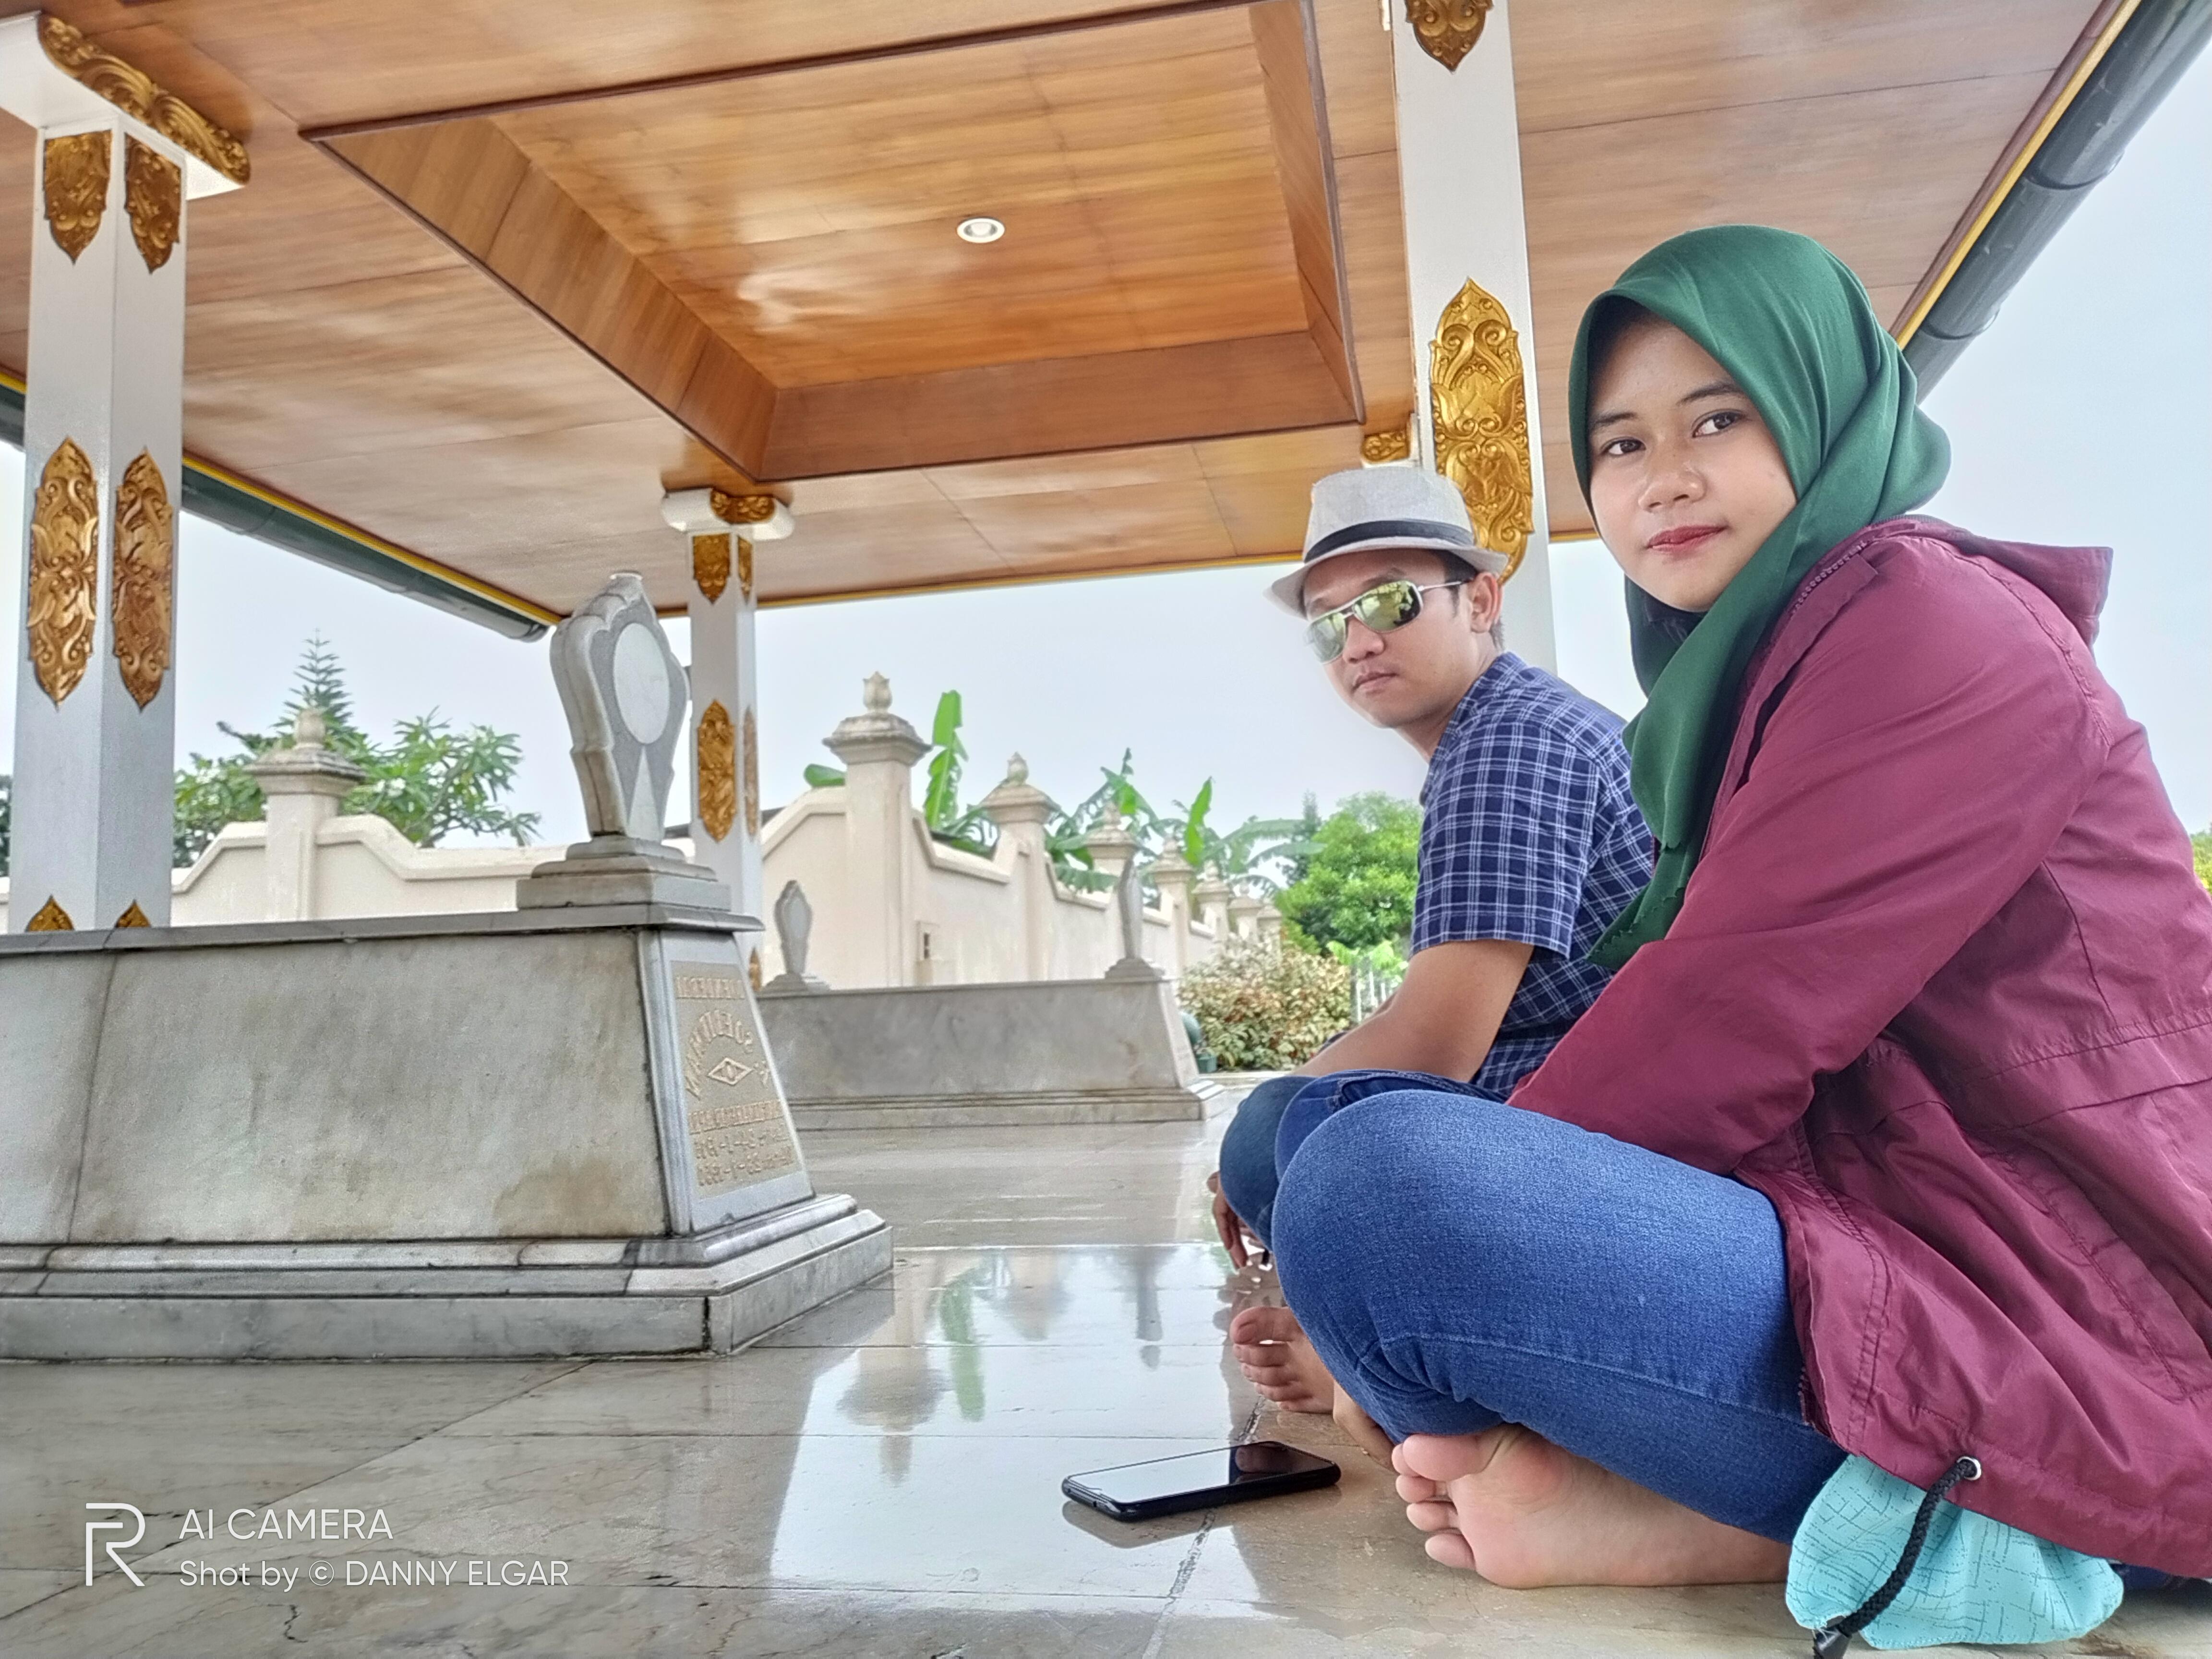 Taman Makam Pahlawan Nasional Kusuma Negara, Yogyakarta. Ziarah ke Makam Panglima Besar Jenderal Sudirman